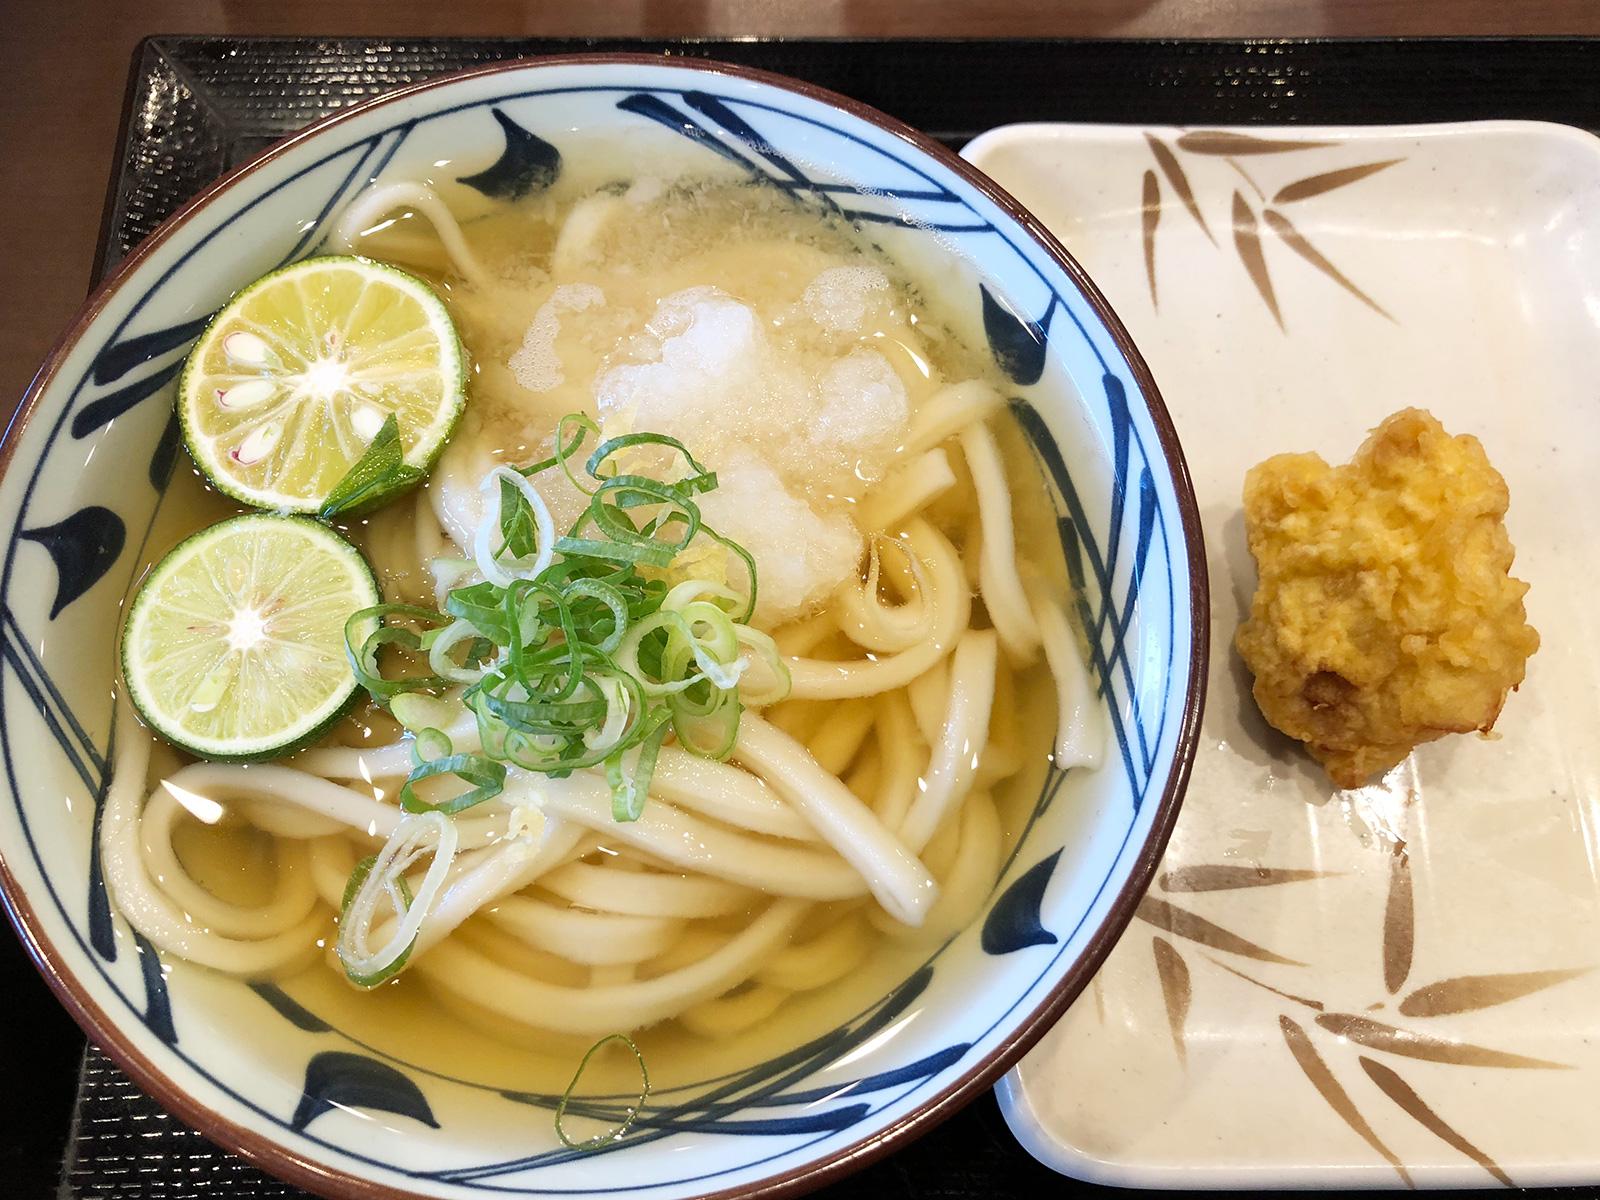 「丸亀製麺 名古屋丸の内店」のすだちおろし冷やかけうどんと鶏天 @丸の内